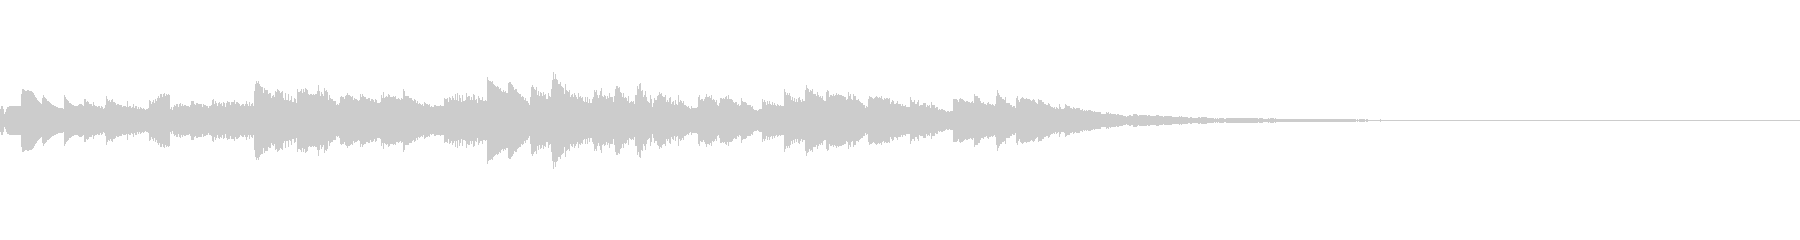 シンプルな着信音の未再生の波形